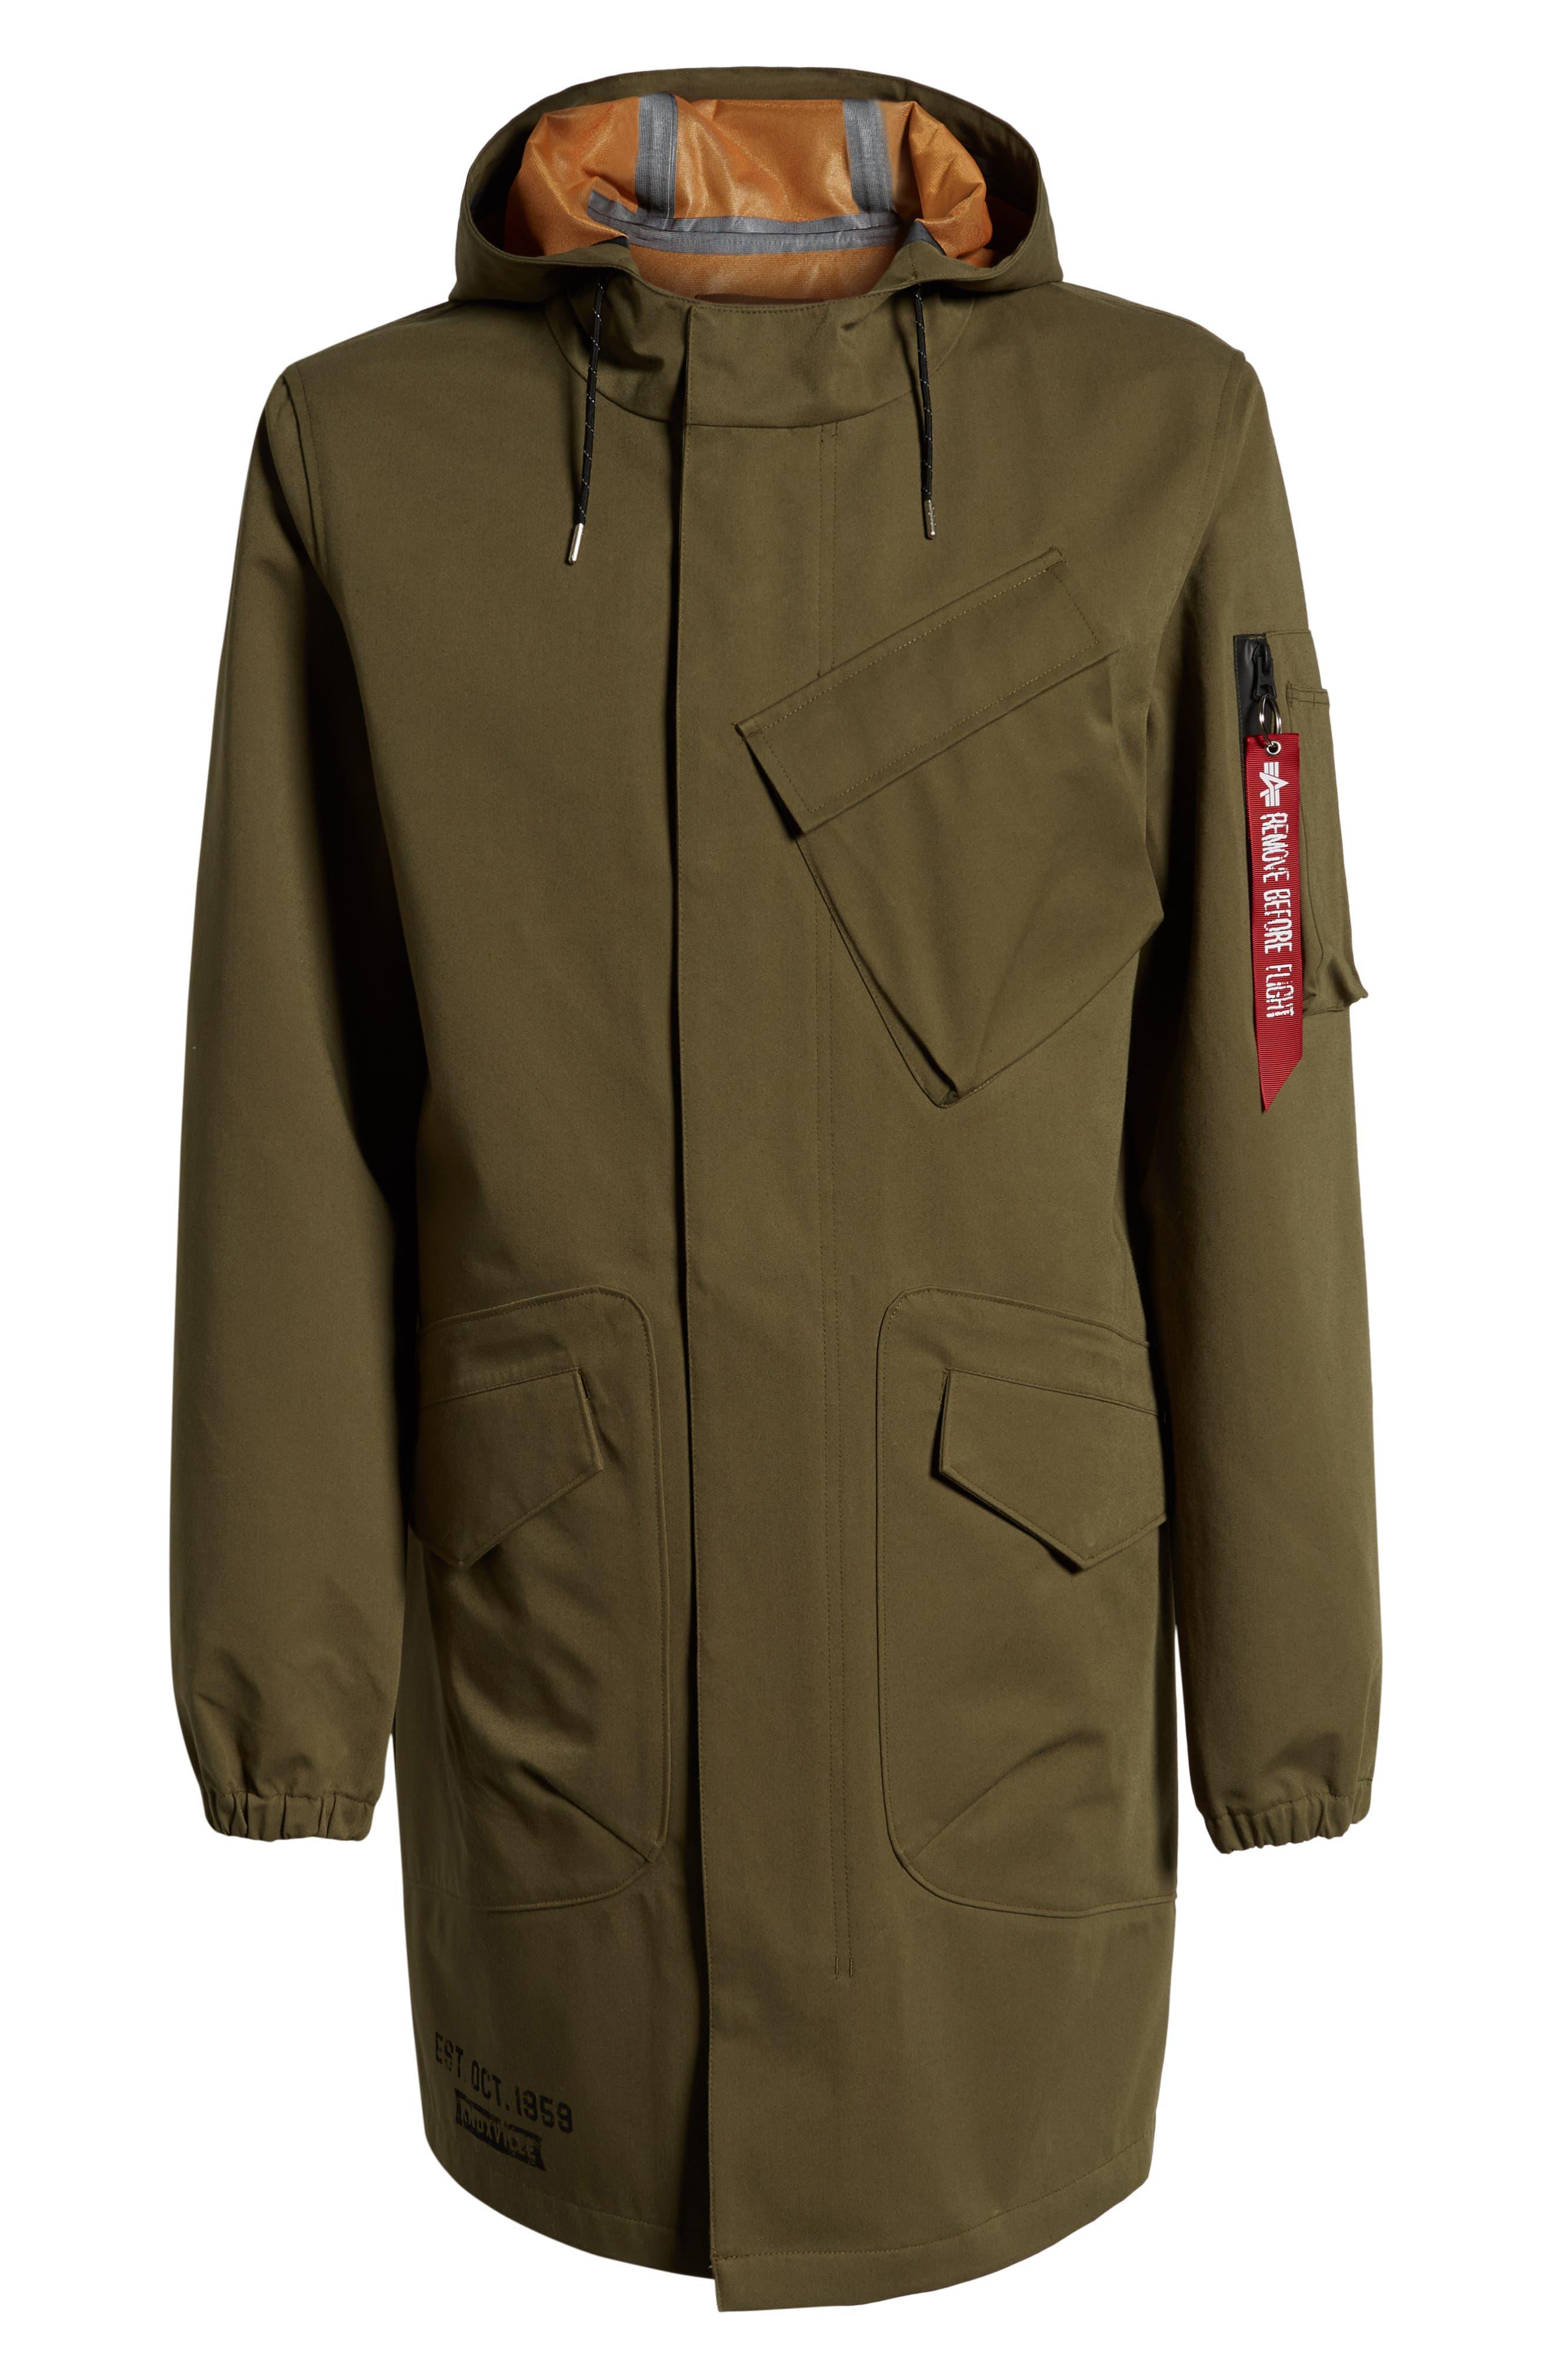 Duster Waterproof Field Coat,                             Alternate thumbnail 6, color,                             VINTAGE OLIVE